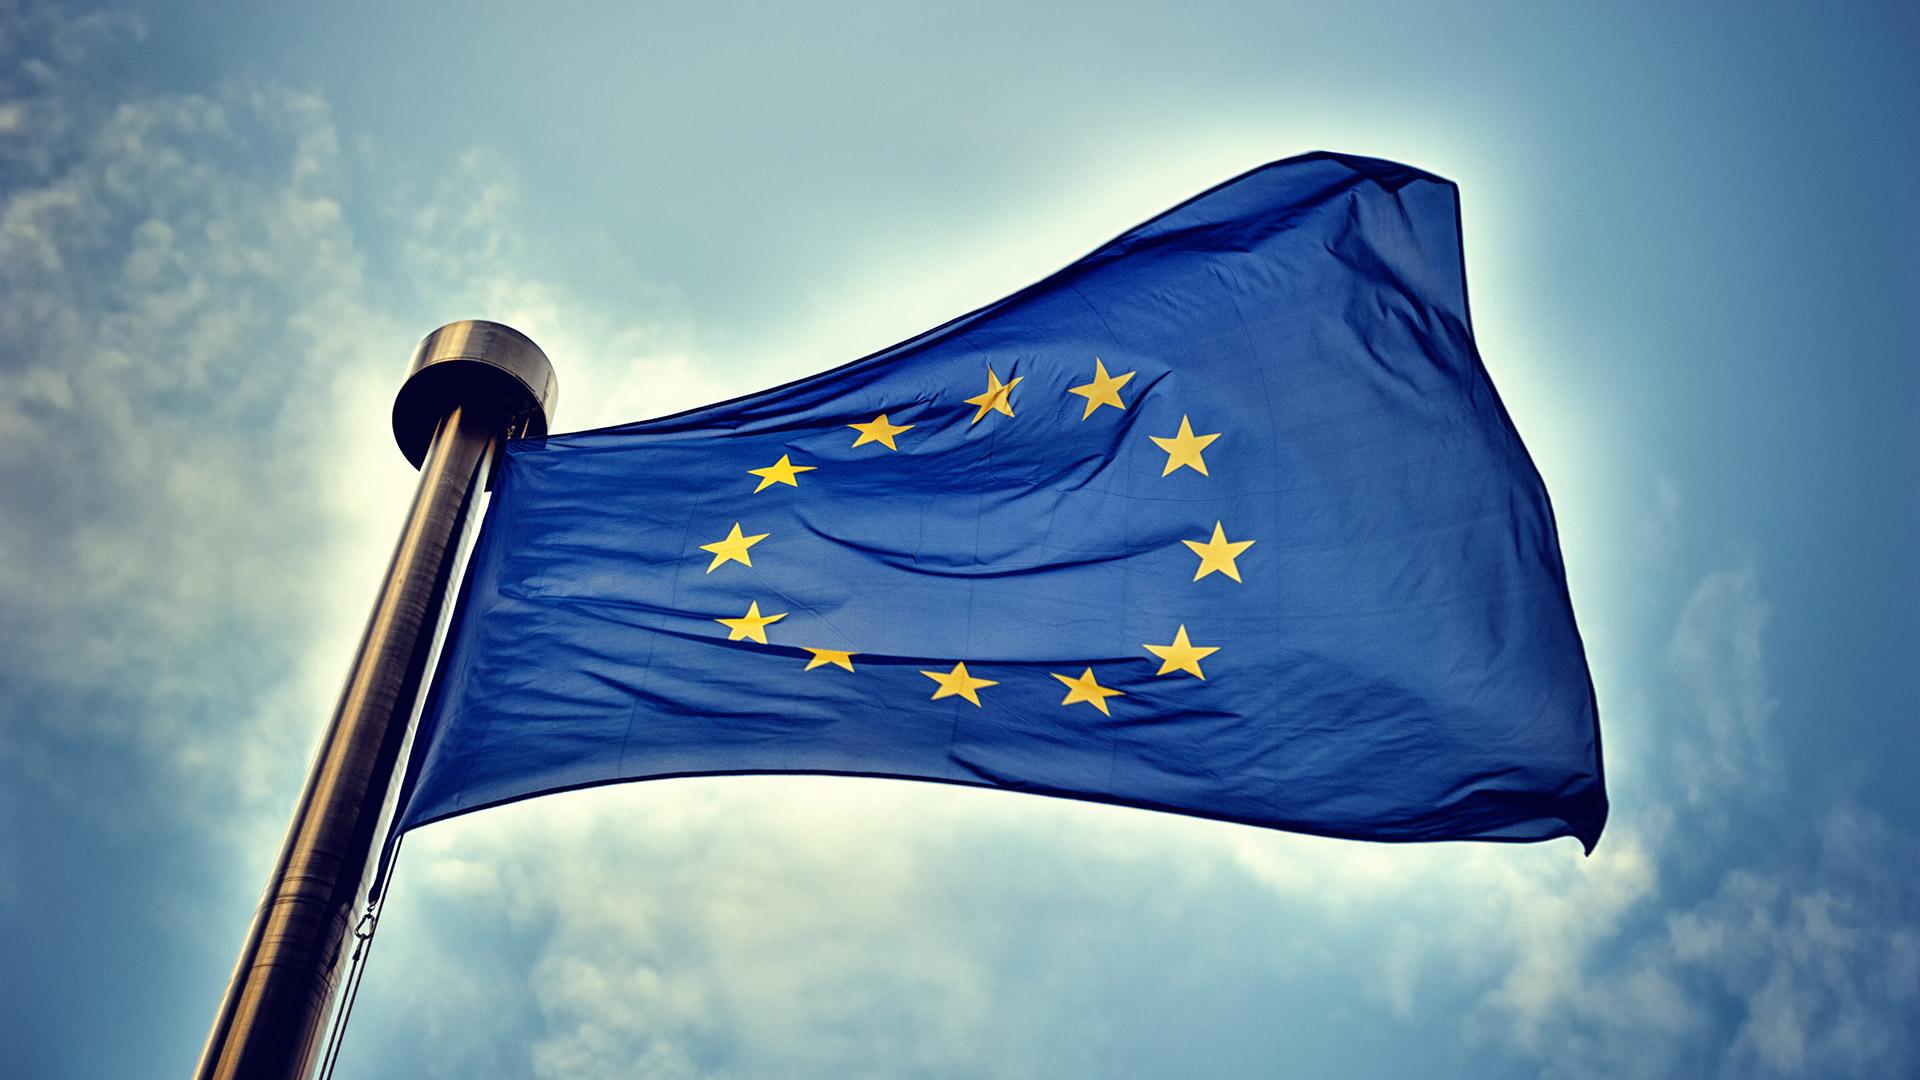 EUヨーロッパ連合からの離脱を投票で決めること